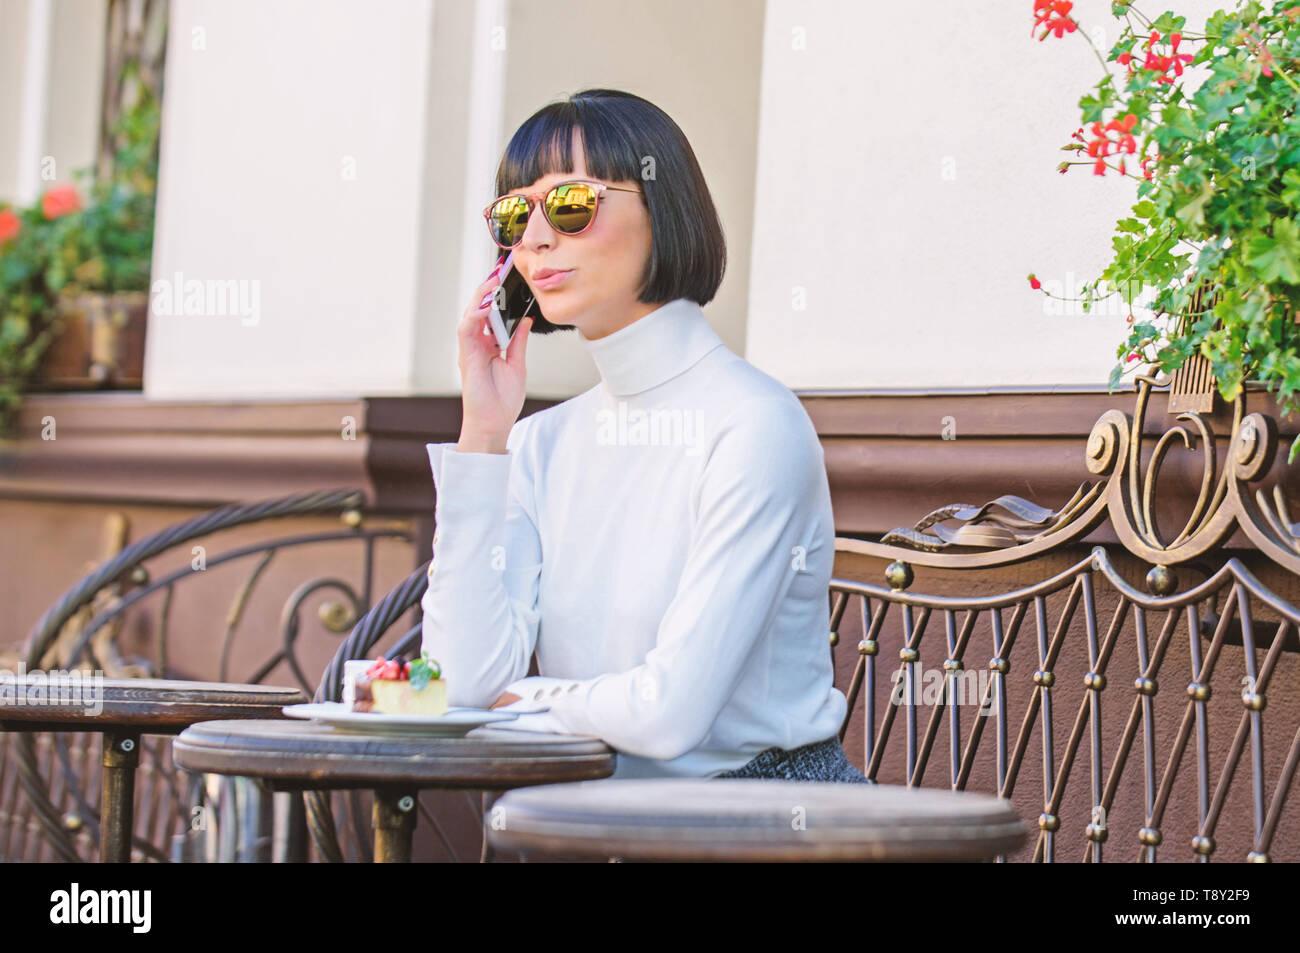 Chiamare amico. Ragazza signora alla moda con lo smartphone. Concetto di piacere. Donna elegante attraente brunette trascorrere tempo libero bar terrazza sfondo. Piacevole il tempo e il tempo libero. Relax e coffee break. Foto Stock